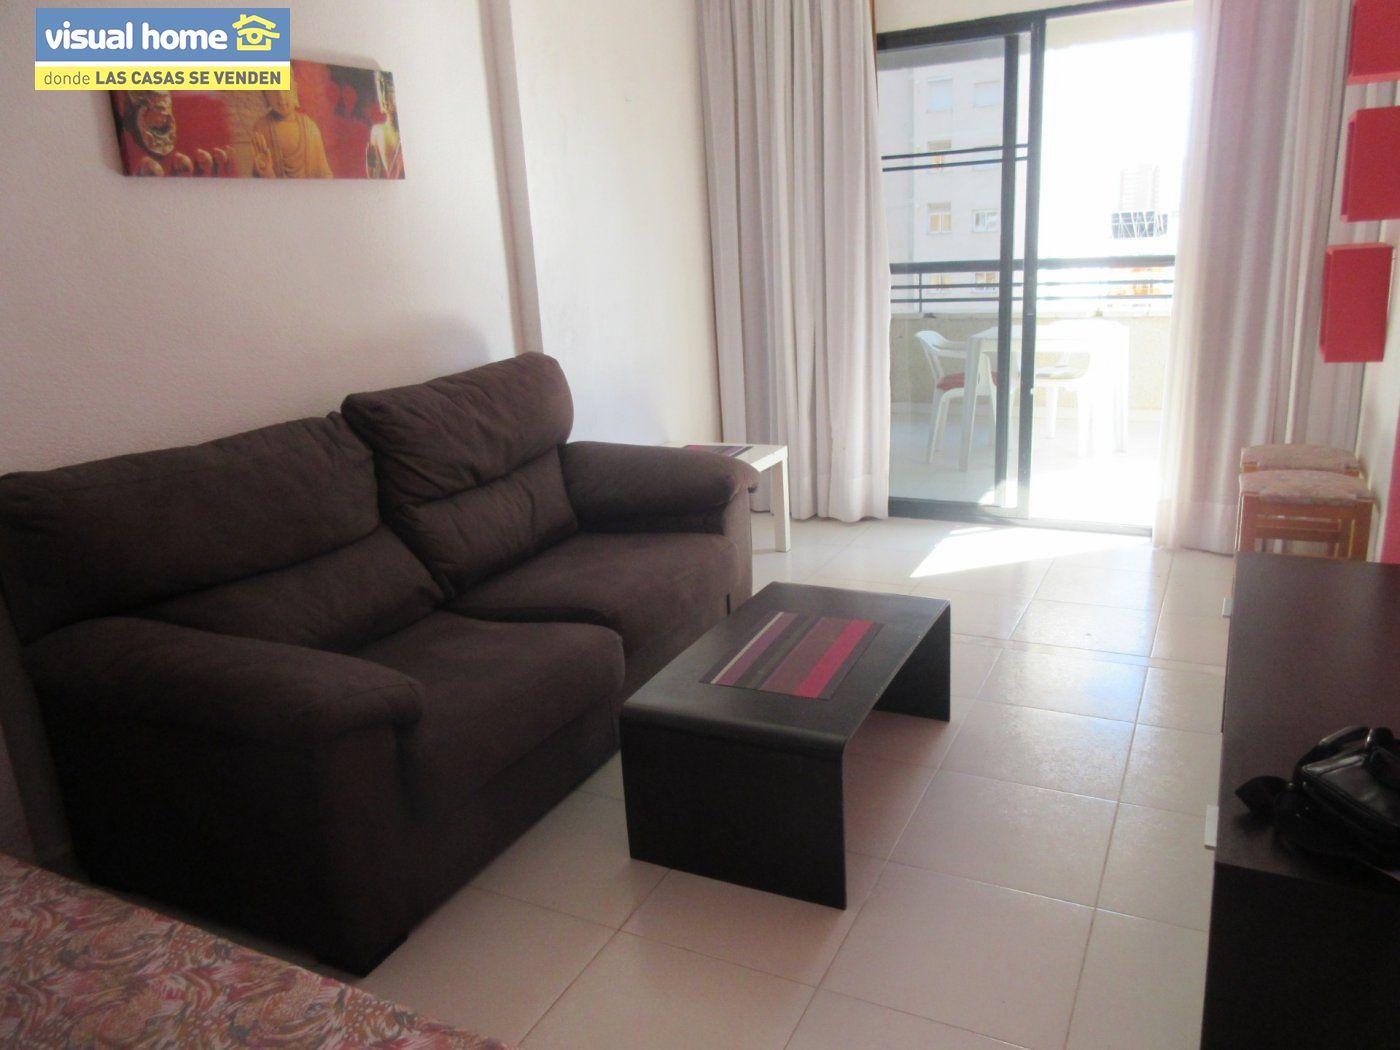 Apartamento de un dormitorio con parking y piscina en Rincón de Loix llano 6